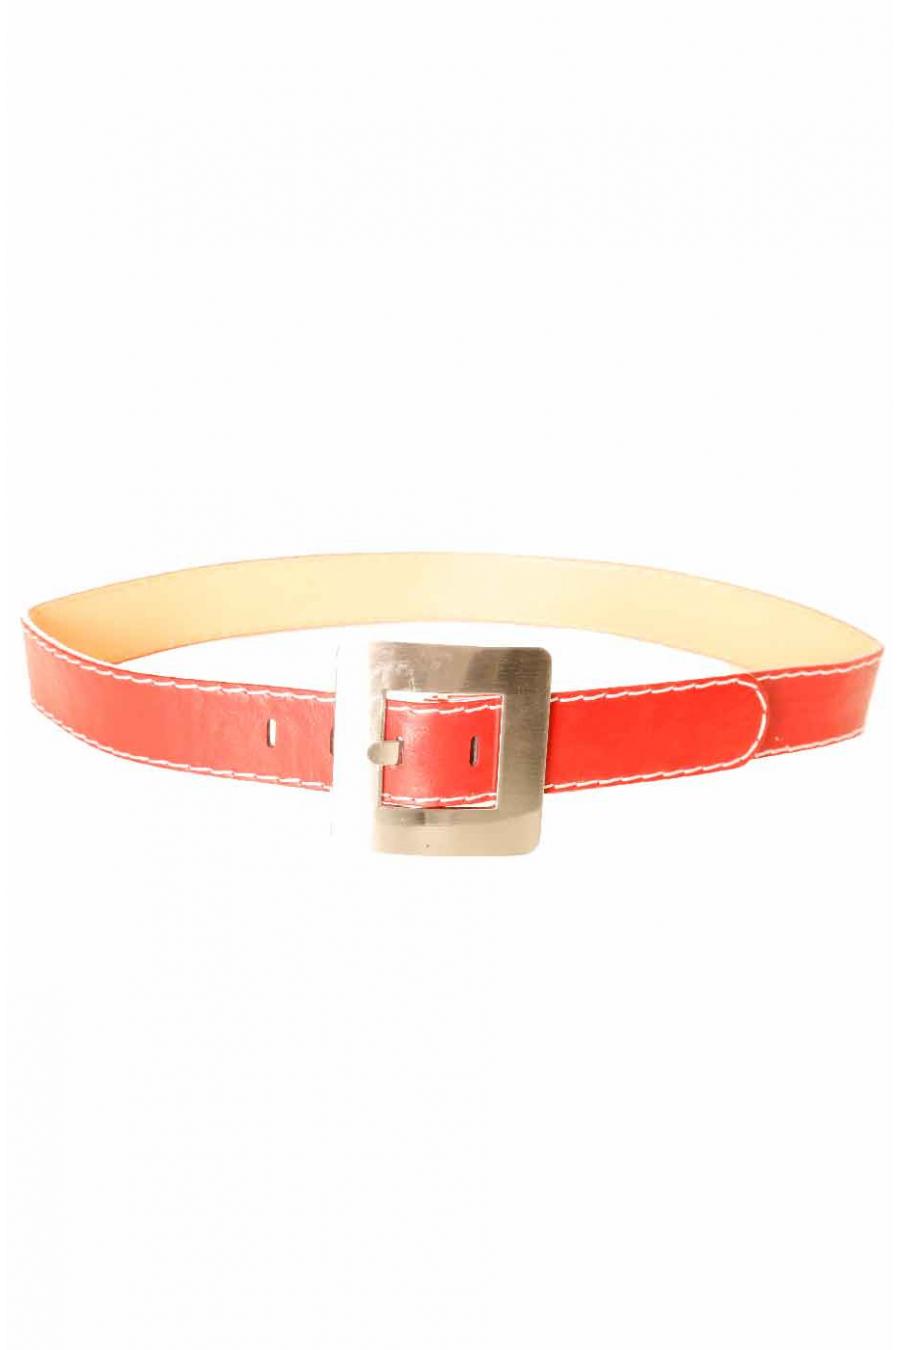 Ceinture Rouge avec couture blanche à boucle carré CE 504